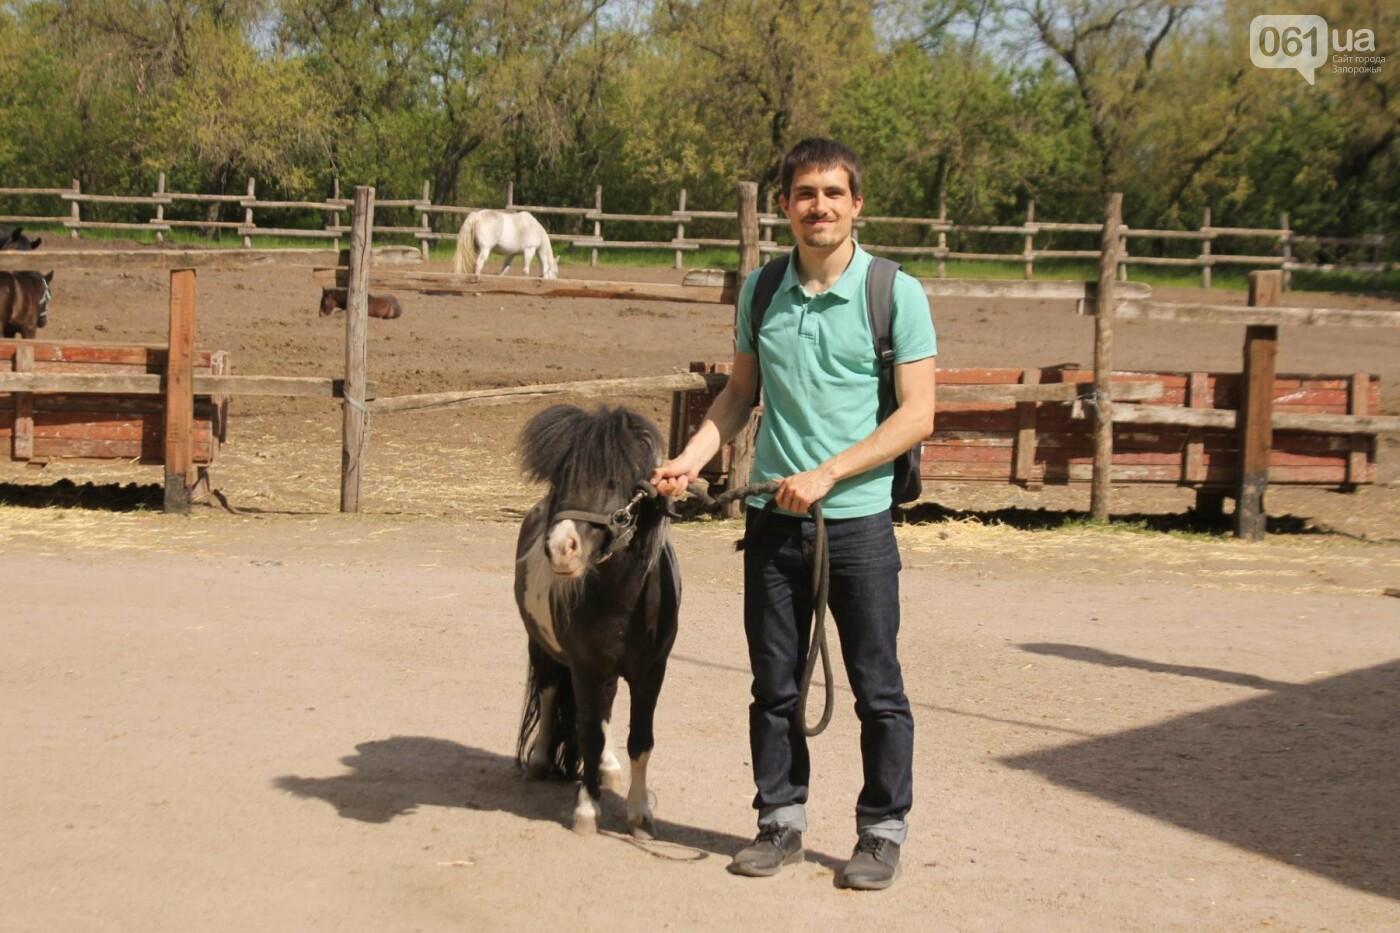 Незабываемое общение с лошадьми: экскурсия в конноспортивный клуб «Патриот», – ФОТОРЕПОРТАЖ, фото-25